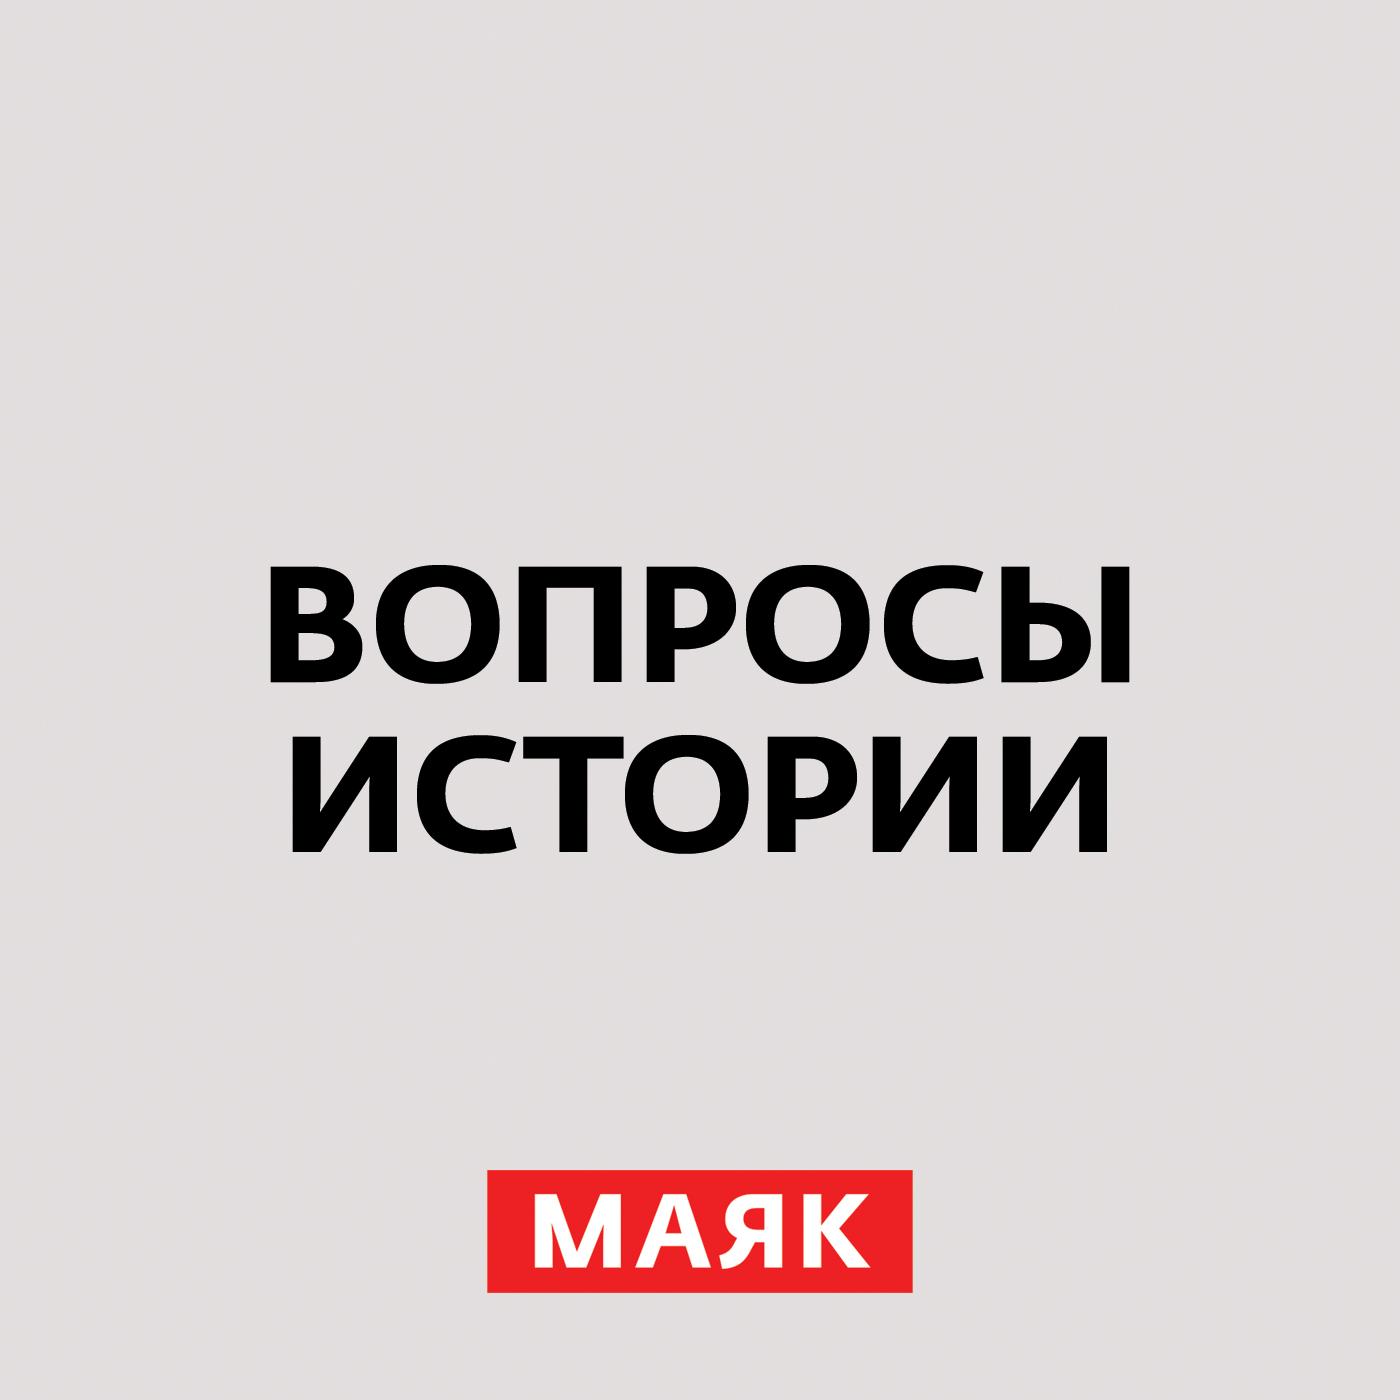 Андрей Светенко Великая депрессия: «Бандитский Петербург» в жизни и на экране шевляков м великая депрессия закономерность катастрофы 1929 1942